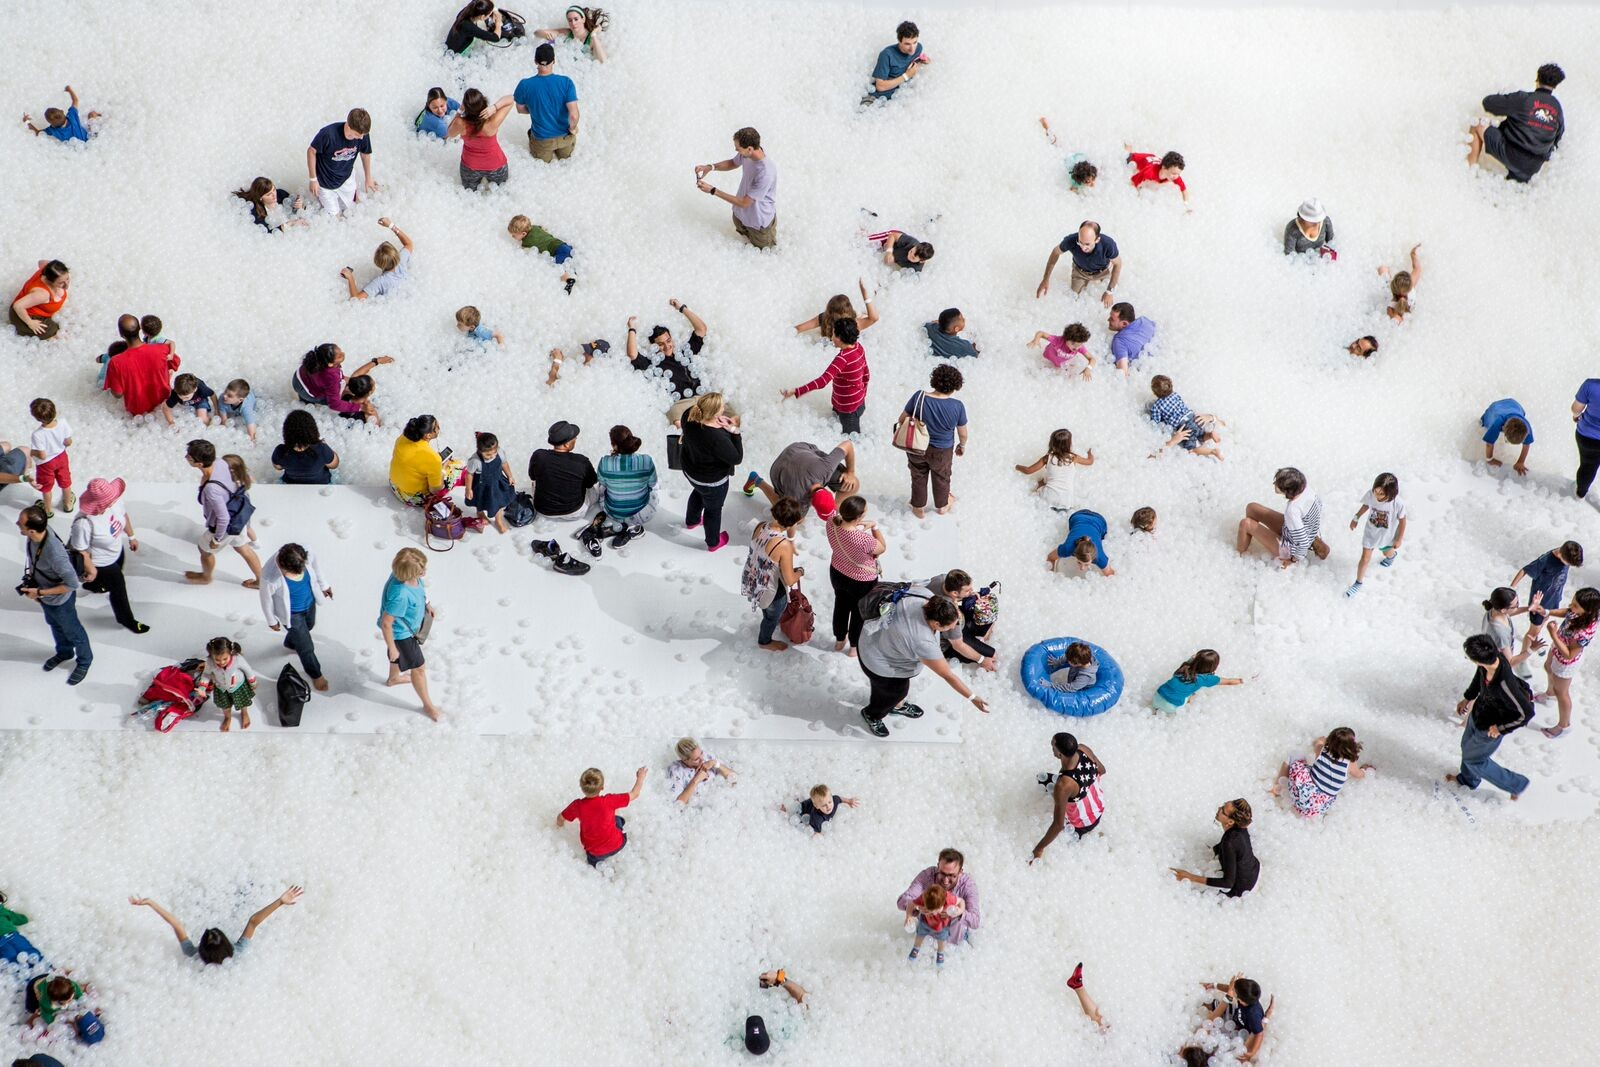 Et gigantisk ballbasseng er det nye trekkplasteret i nasjonalmuseet i Washington. Her kan barn og voksne svømme og leke seg blant nesten en million resirkulerbare, gjennomsiktige plastballer.